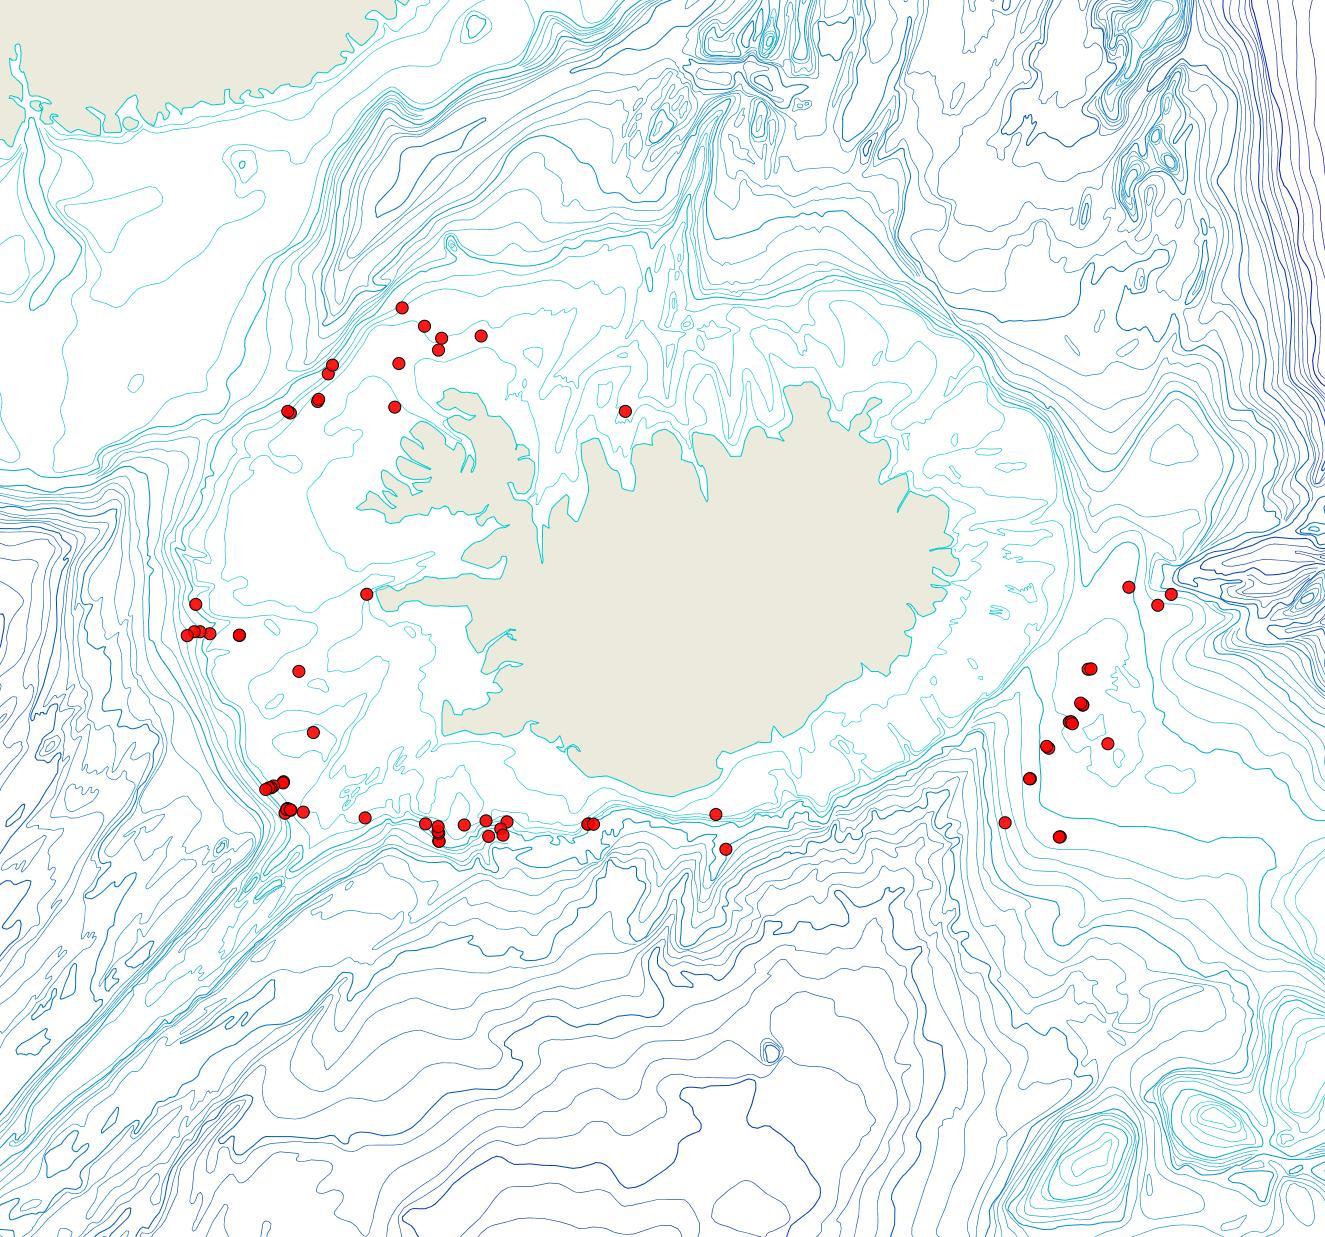 Útbreiðsla Terminoflustra barleei(Bioice samples, red dots)